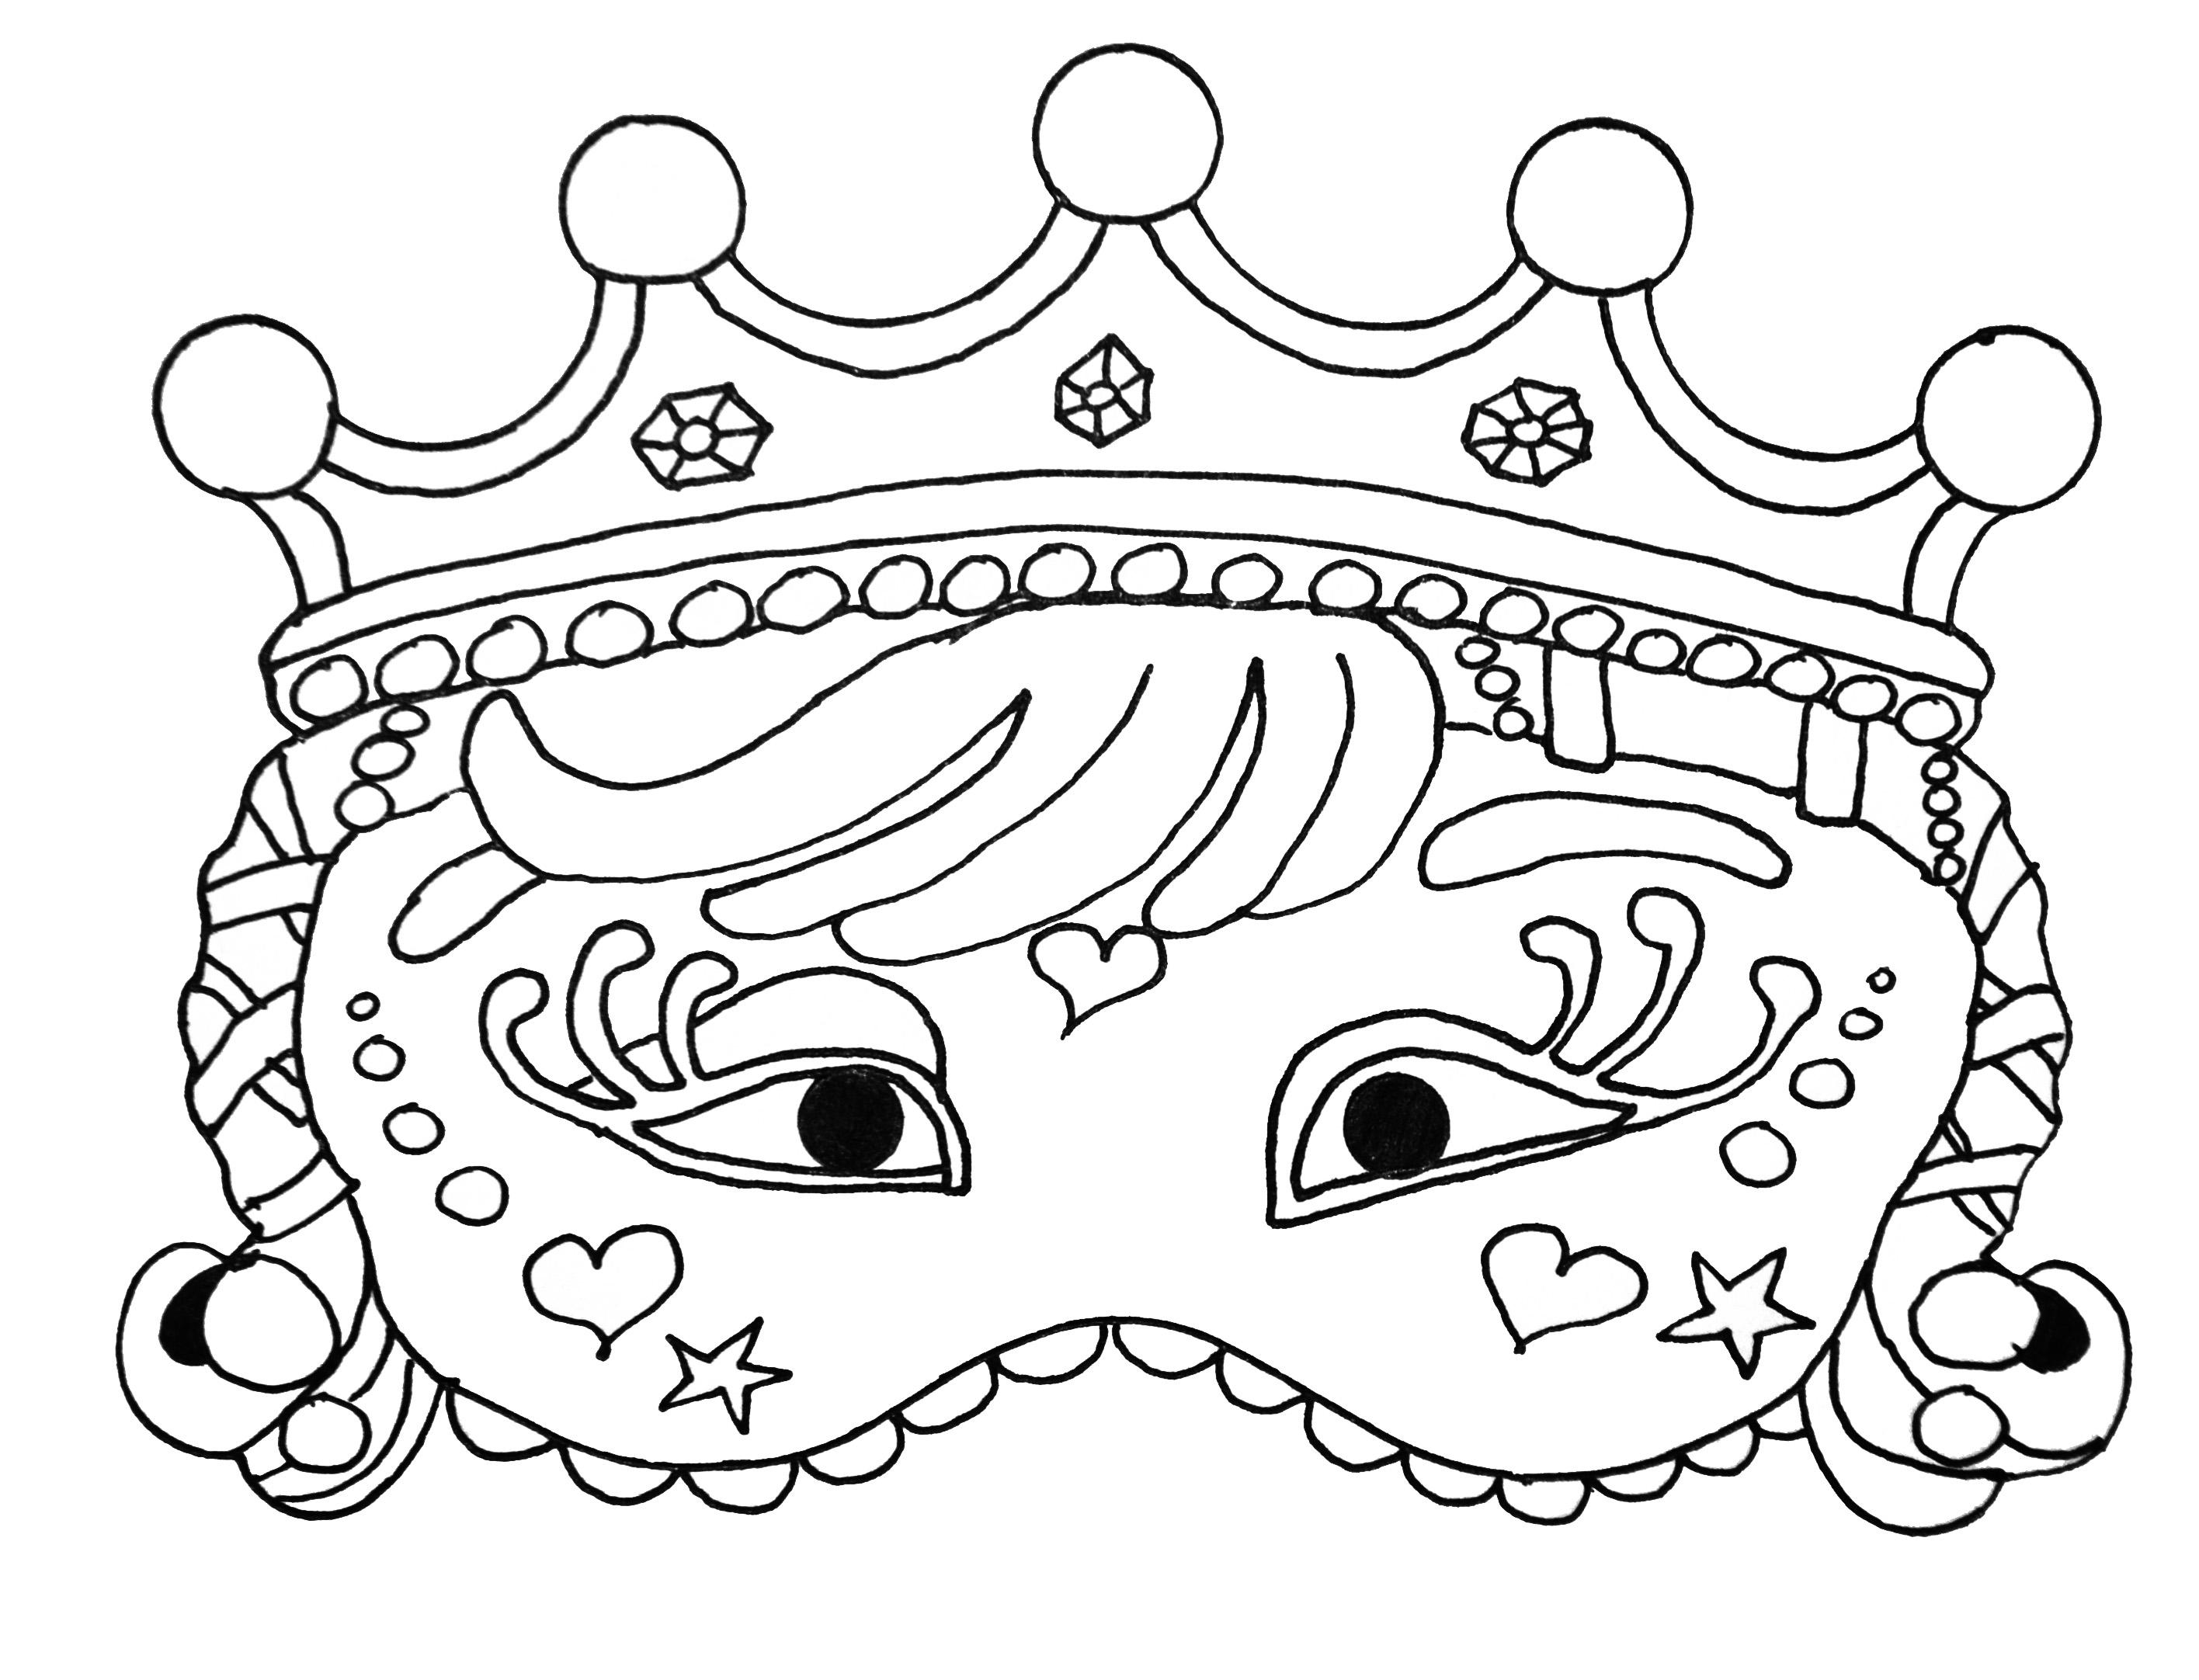 Masque carnaval 2 coloriage de masques coloriages pour enfants - Dessin enfant a imprimer ...